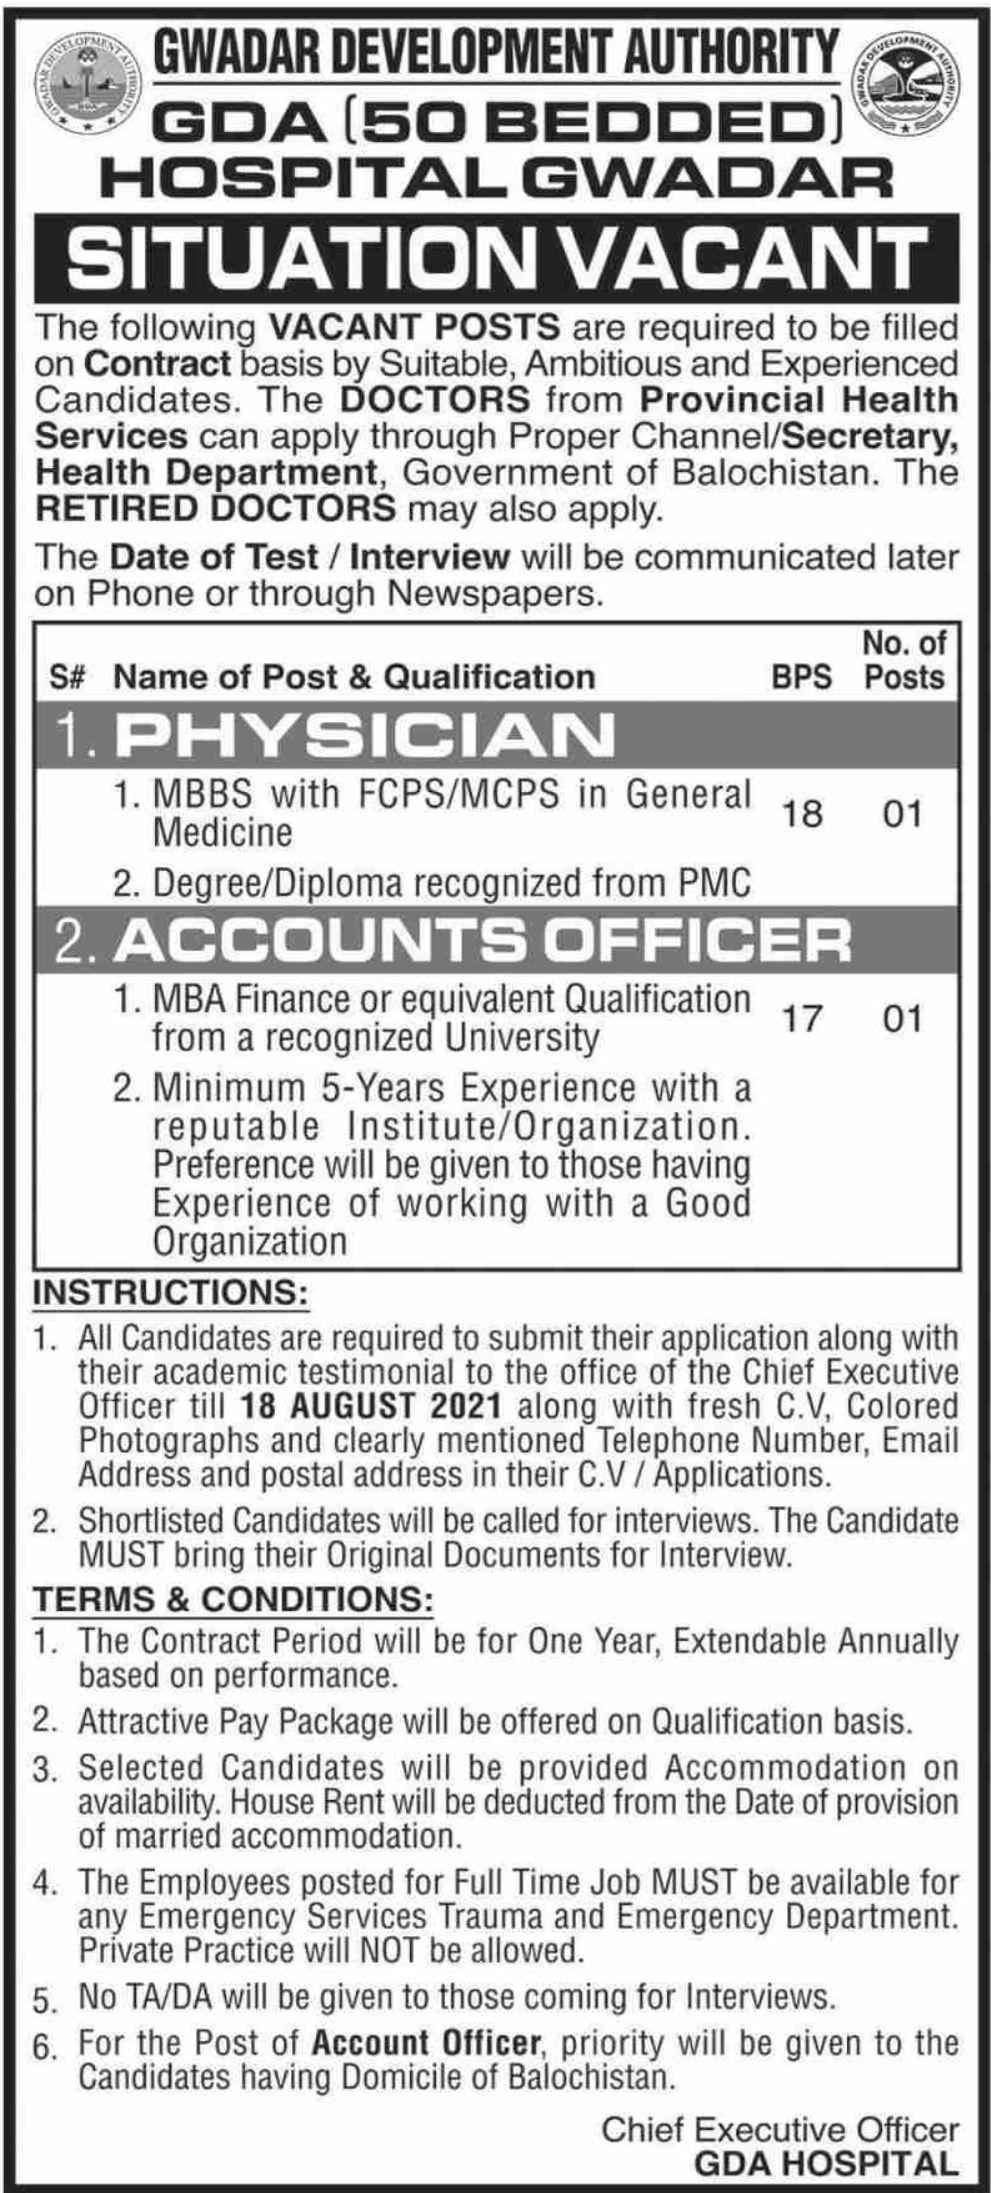 Gwadar Development Authority Vacancies 2021 2